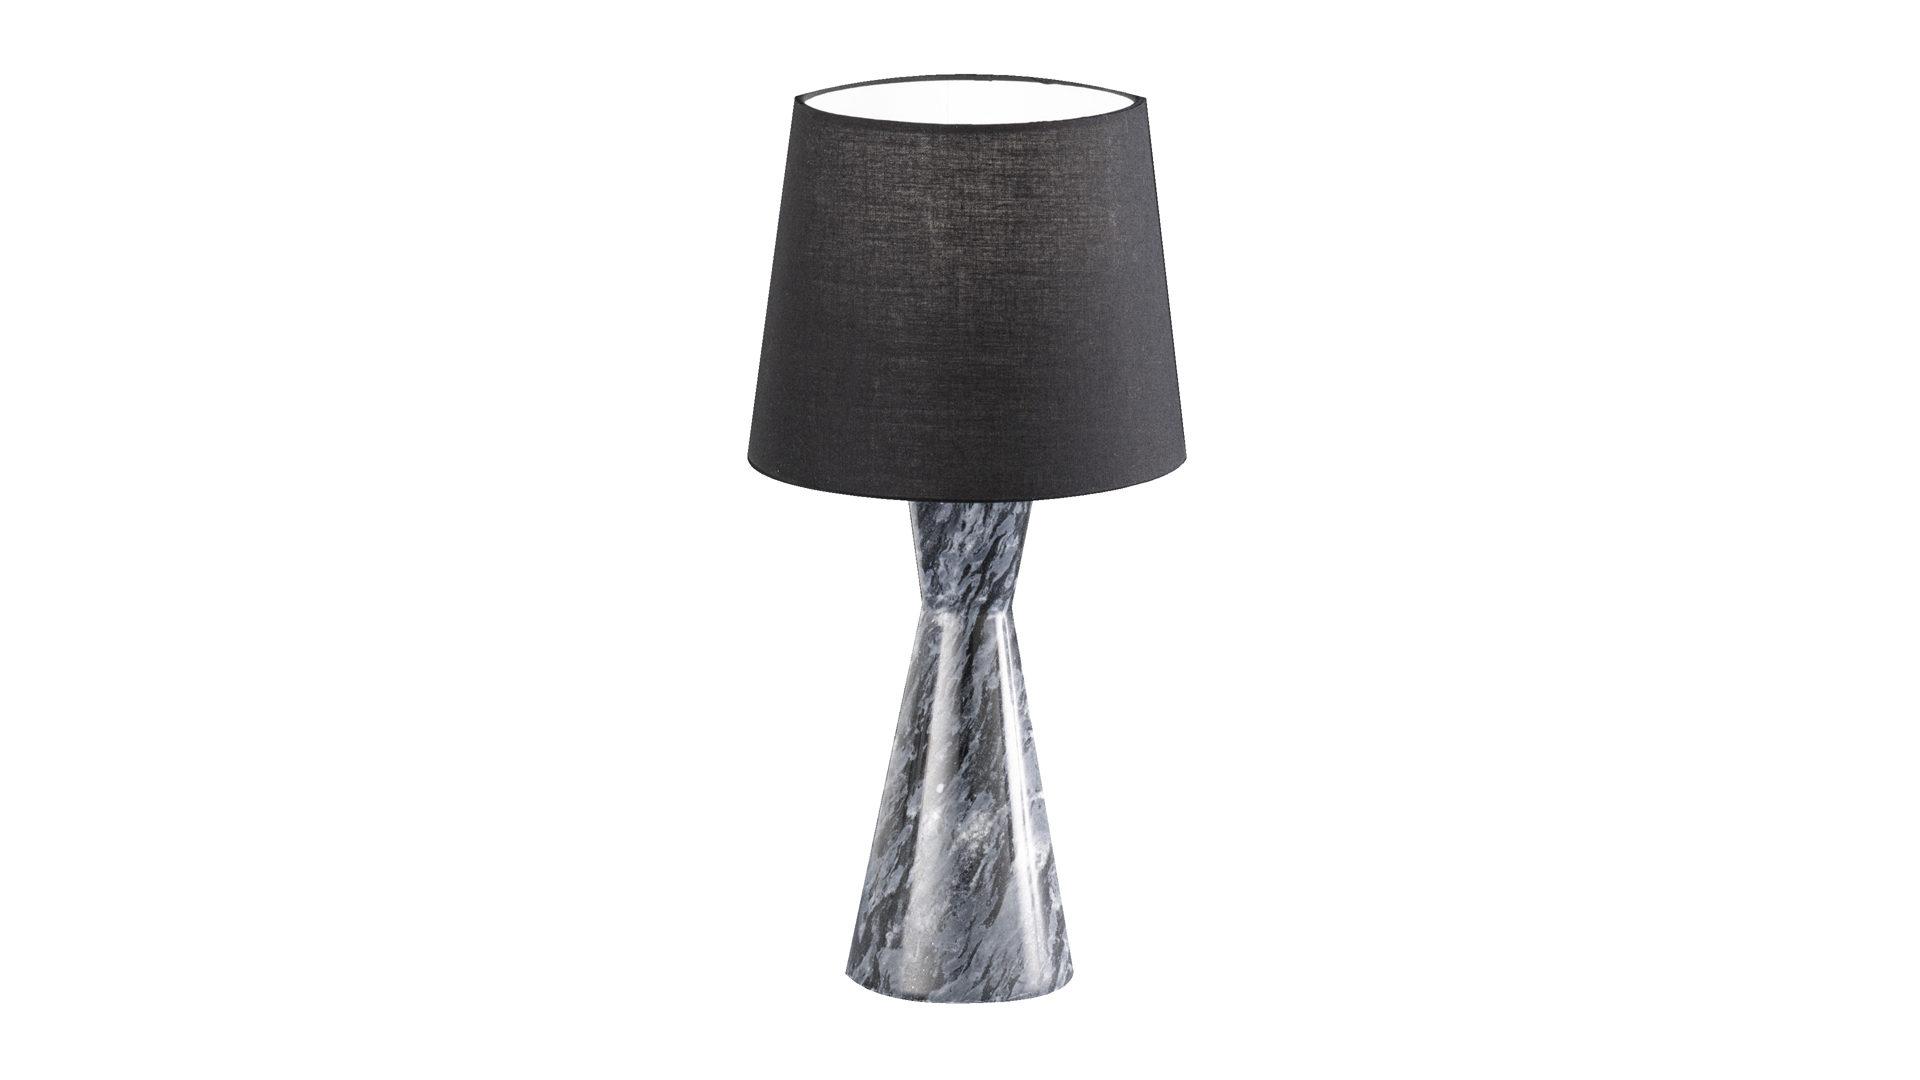 Möbel angermüller bad neustadt salz räume schlafzimmer lampen